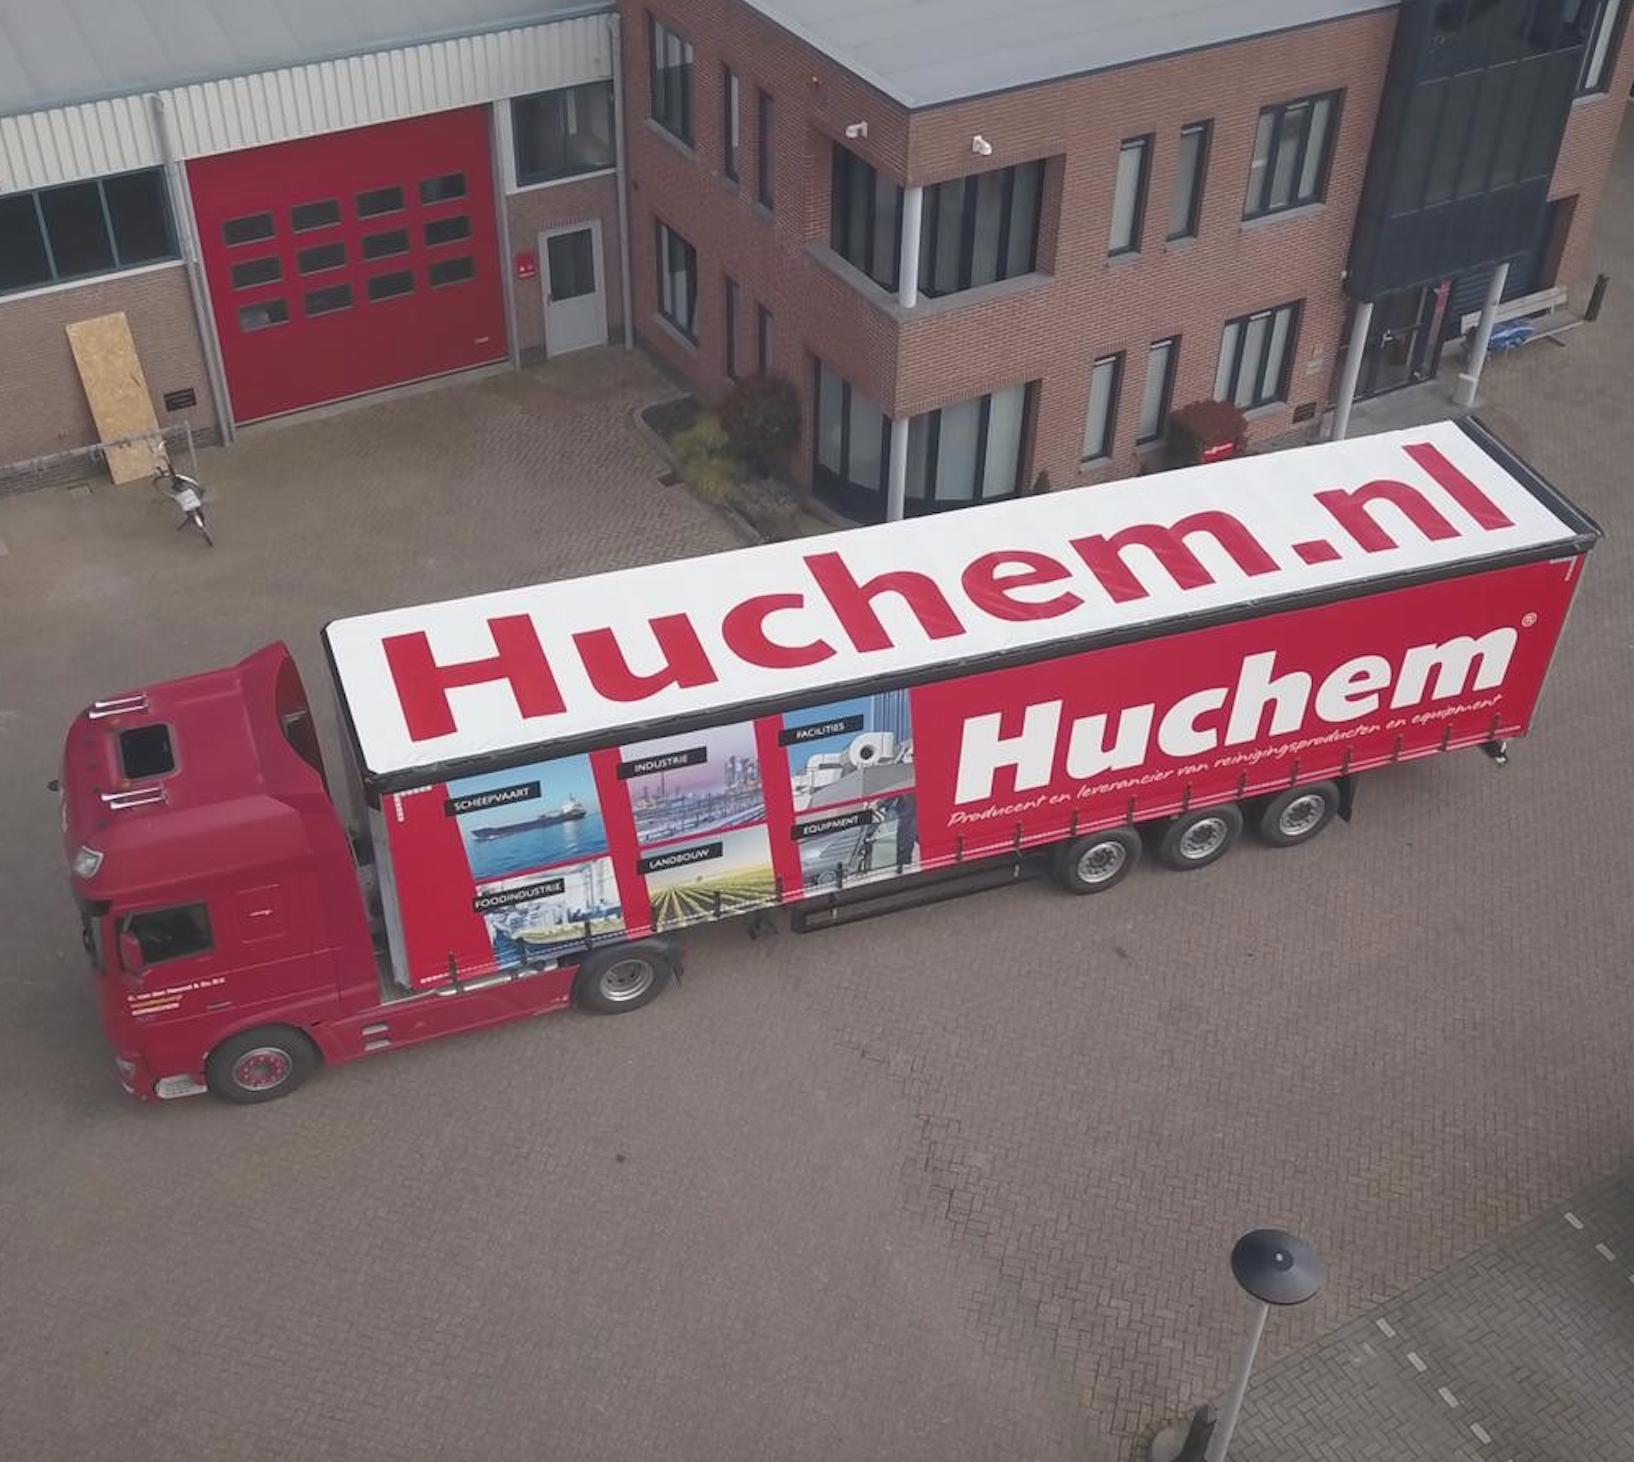 Tochtergesellschaft Huchem